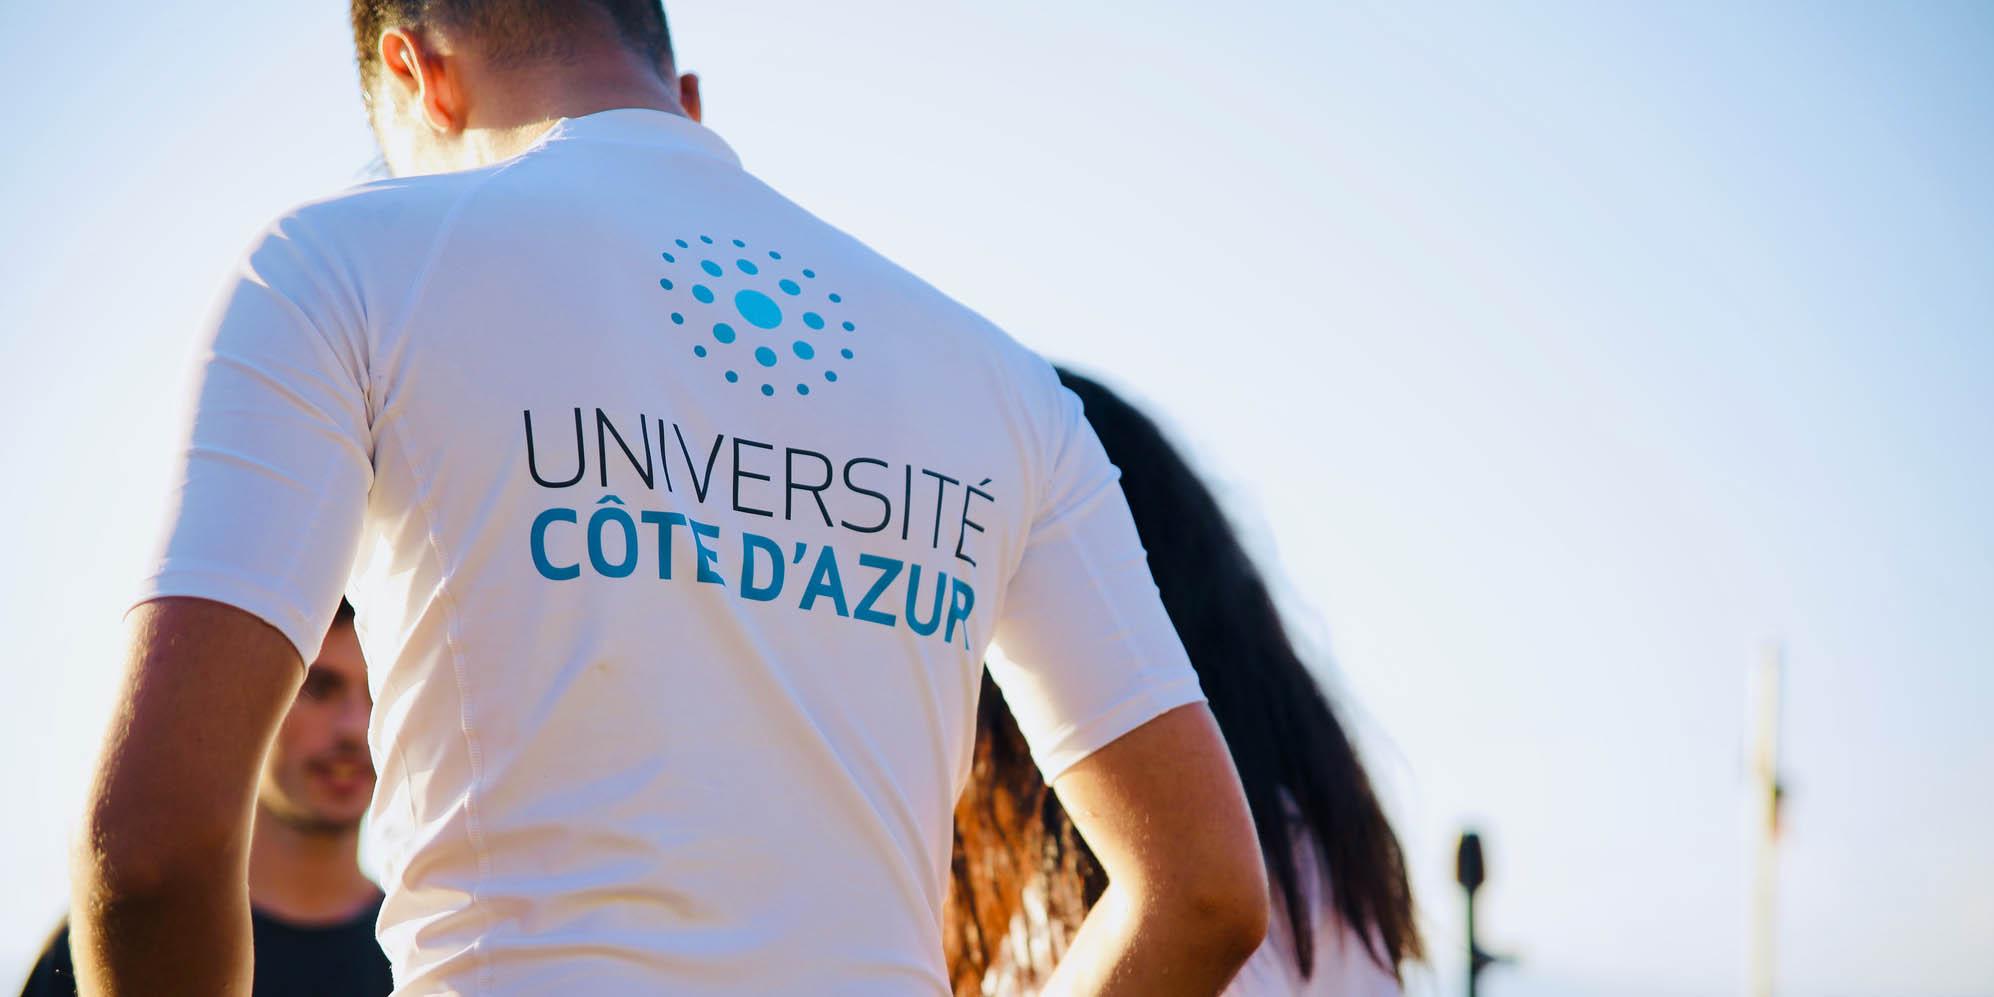 logos UCA